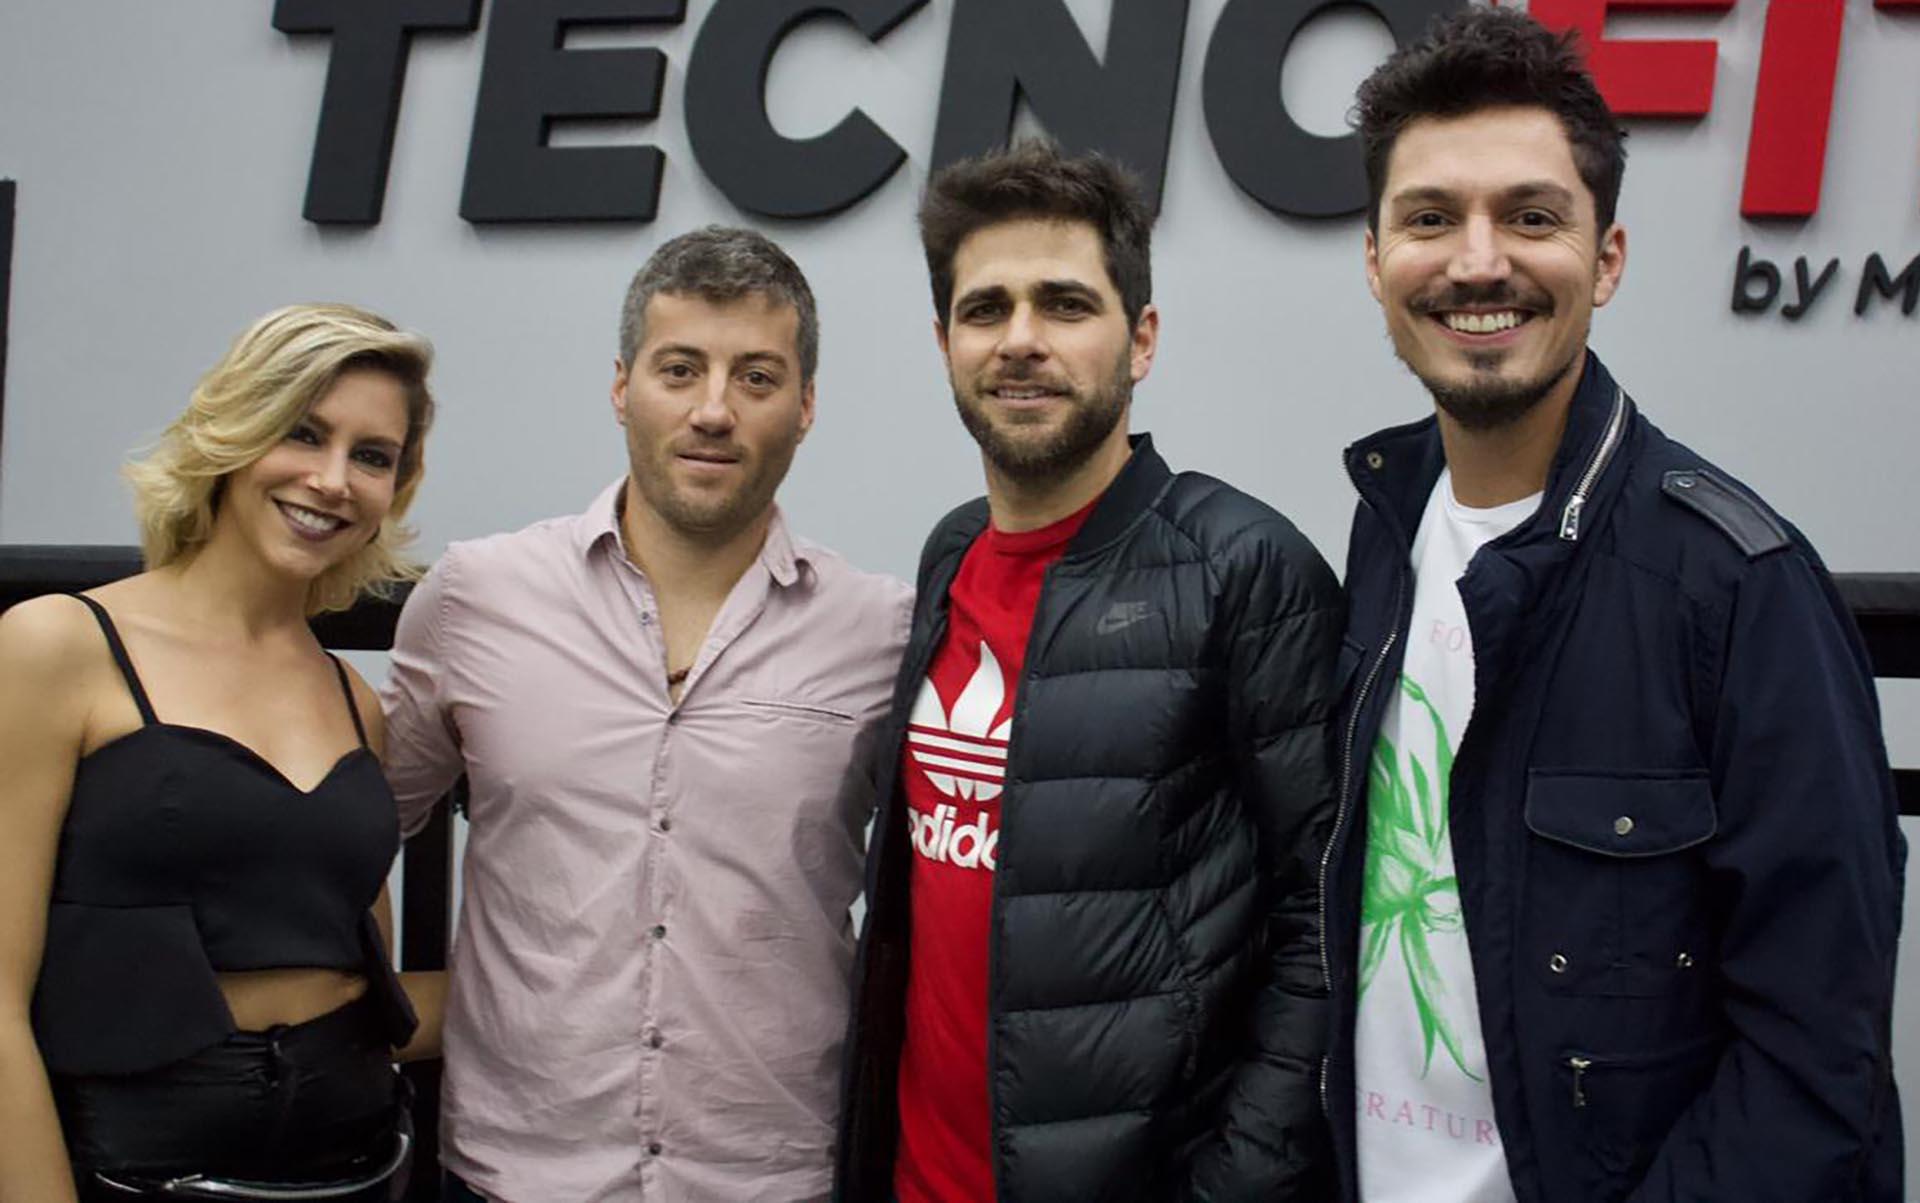 Inés Palombo, Fernando Carolei y Guido Zaffora acompañaron a Martín Venturino en la inauguración de su espacio Tecnofit (Crédito: Teleshow)